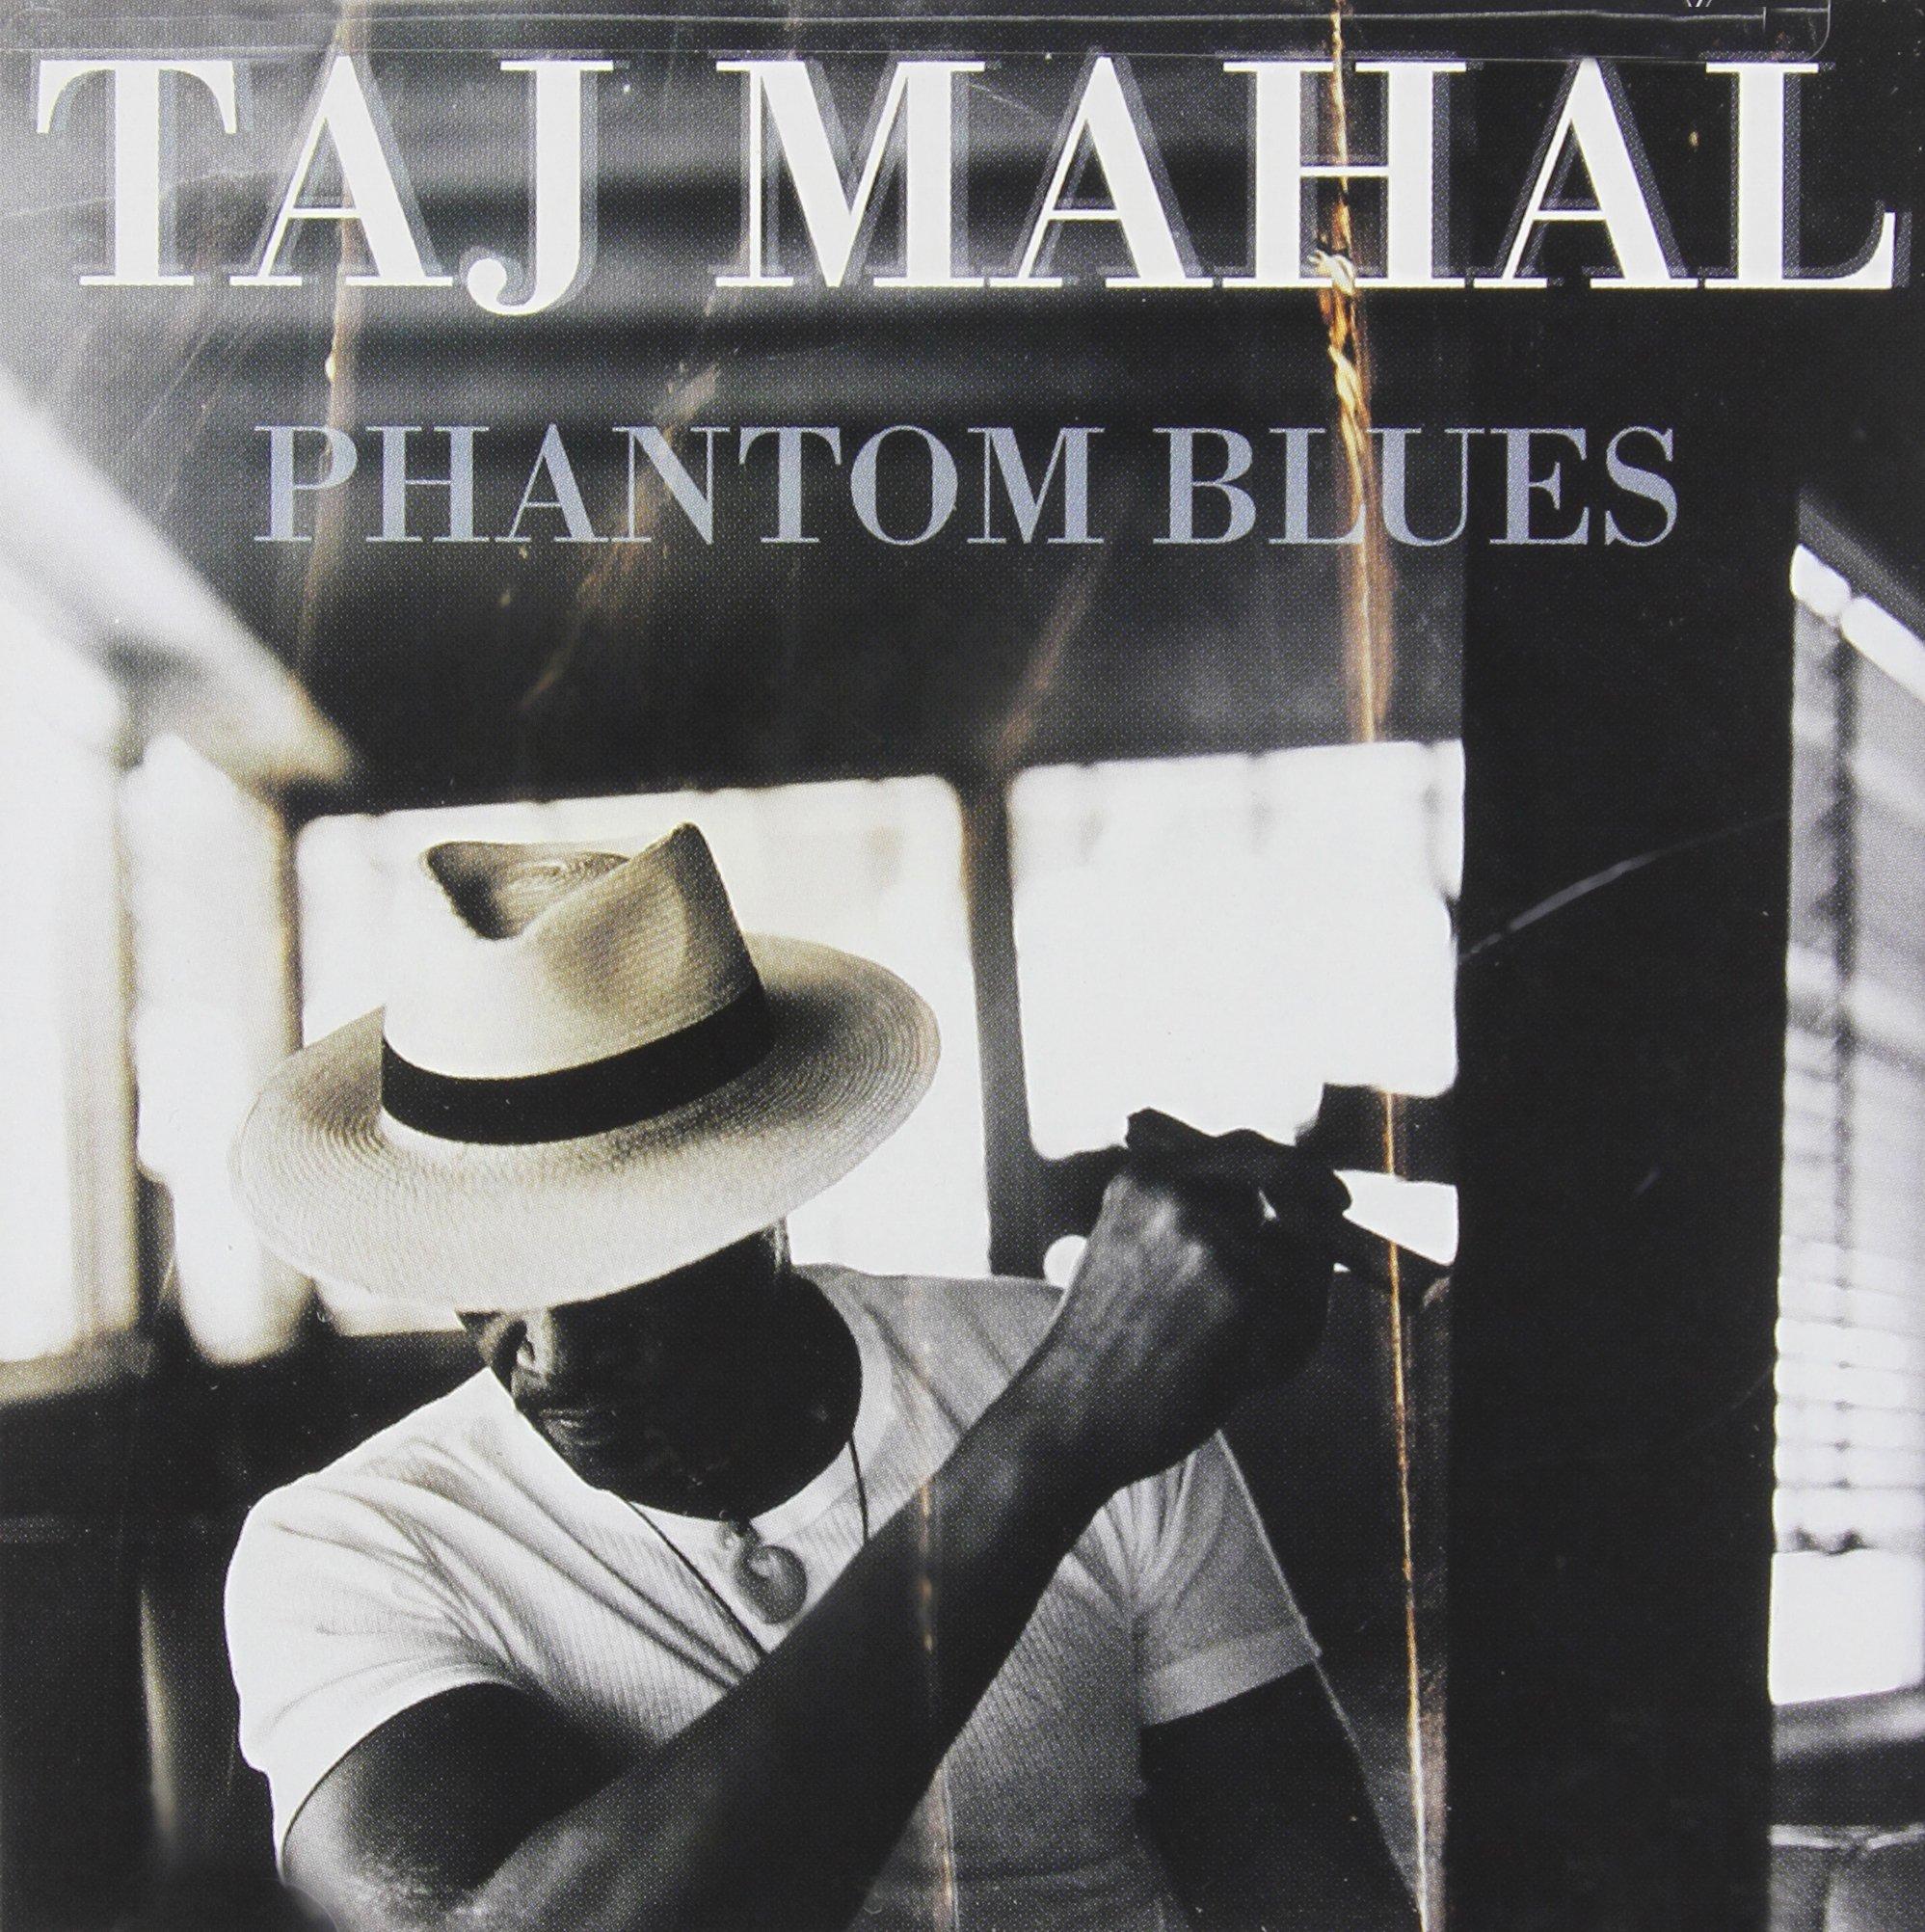 Taj Mahal – Phantom Blues (1996) [FLAC]